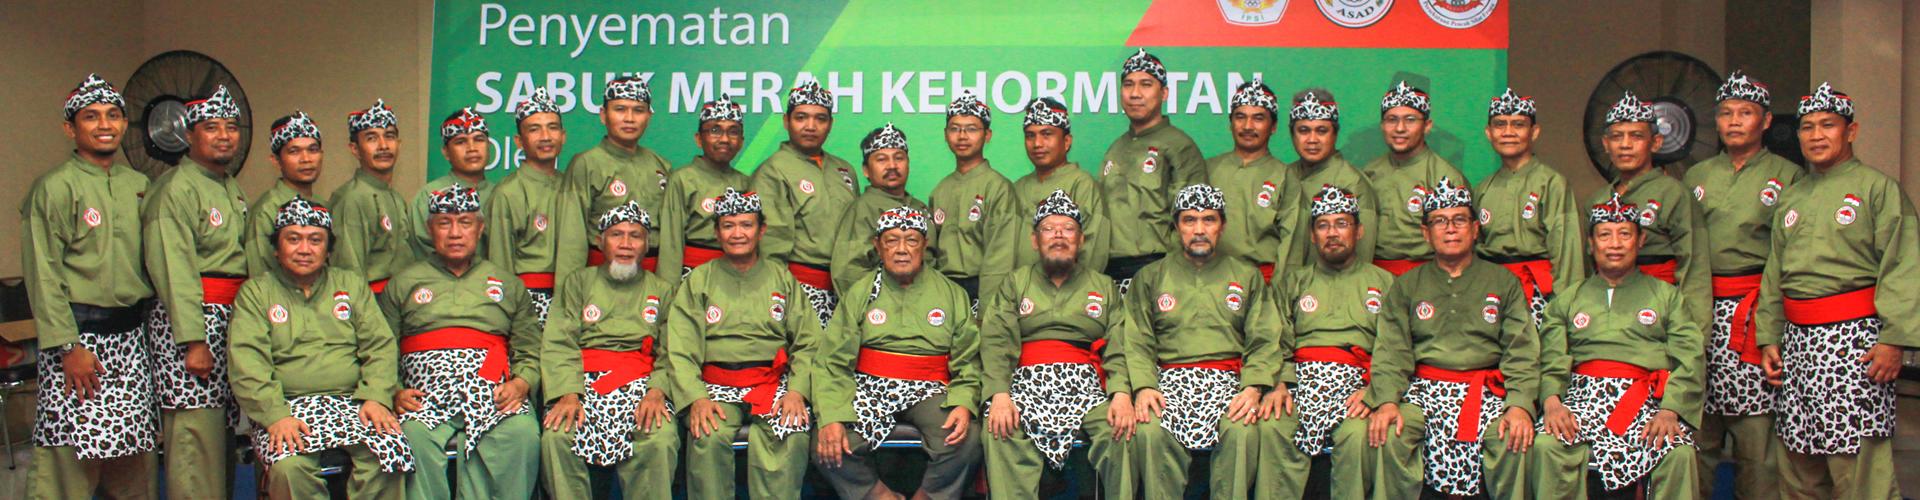 Penyematan Sabuk Merah Kehormatan